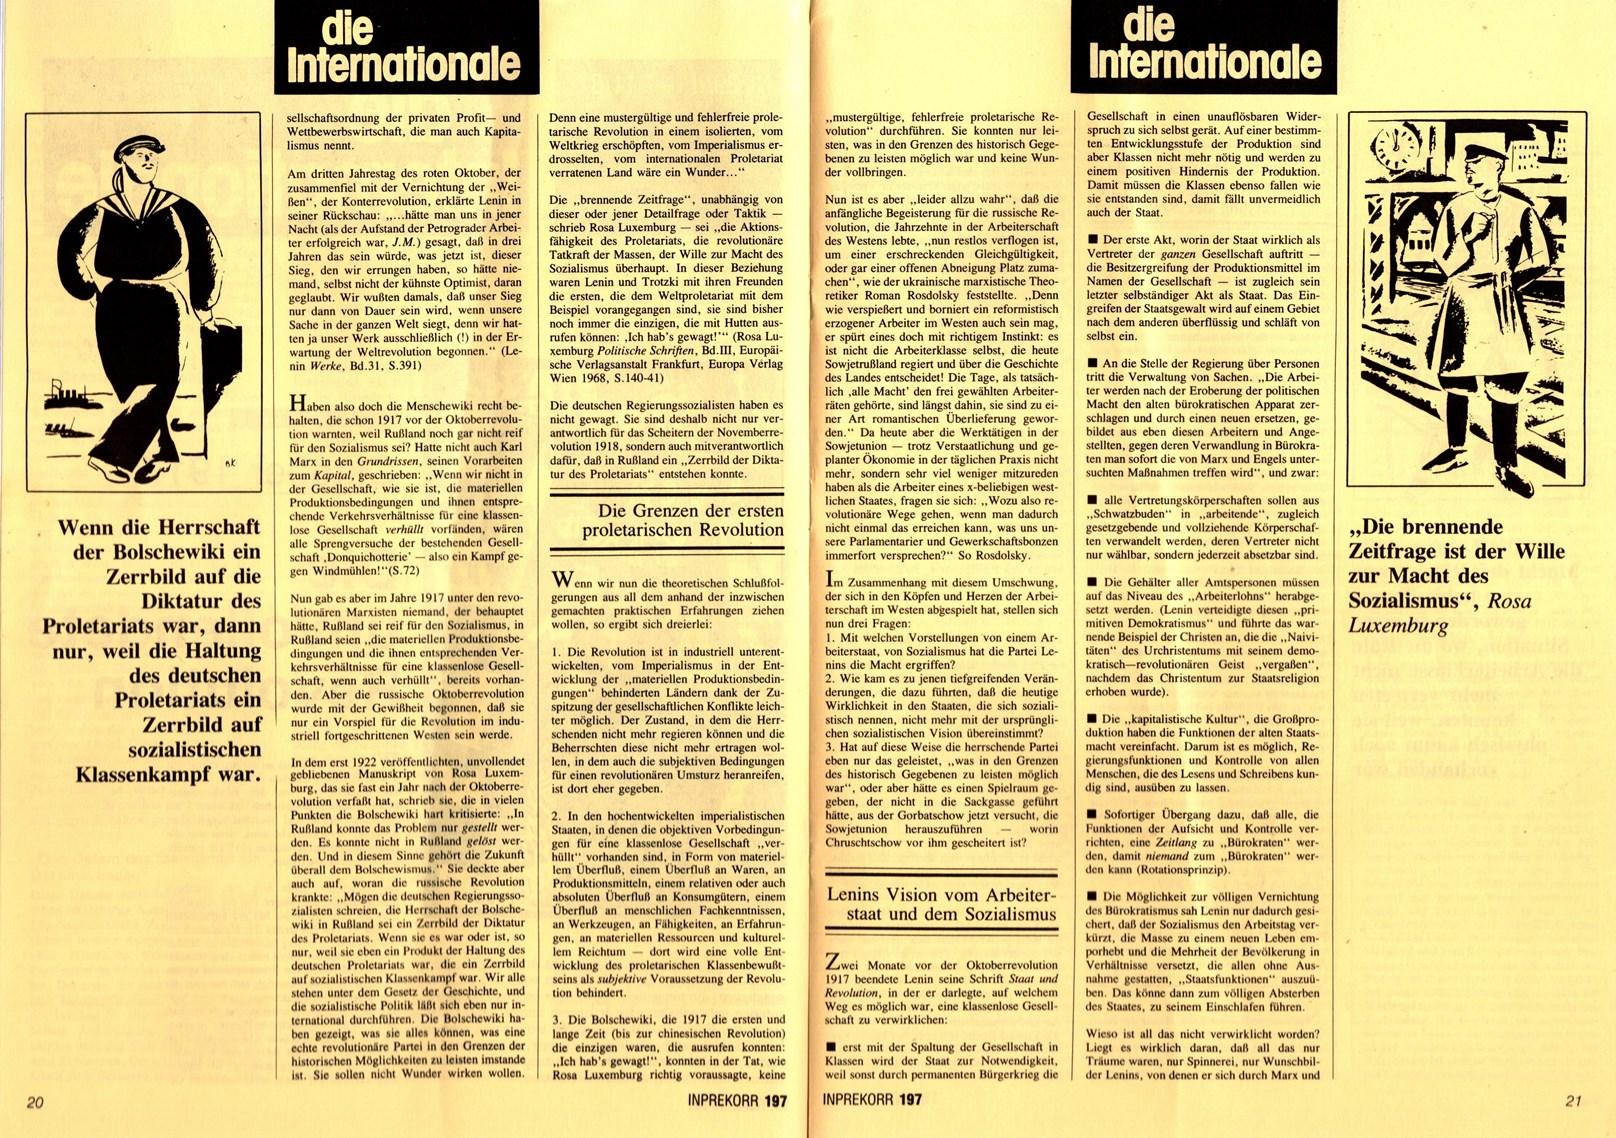 Inprekorr_19871100_197_011